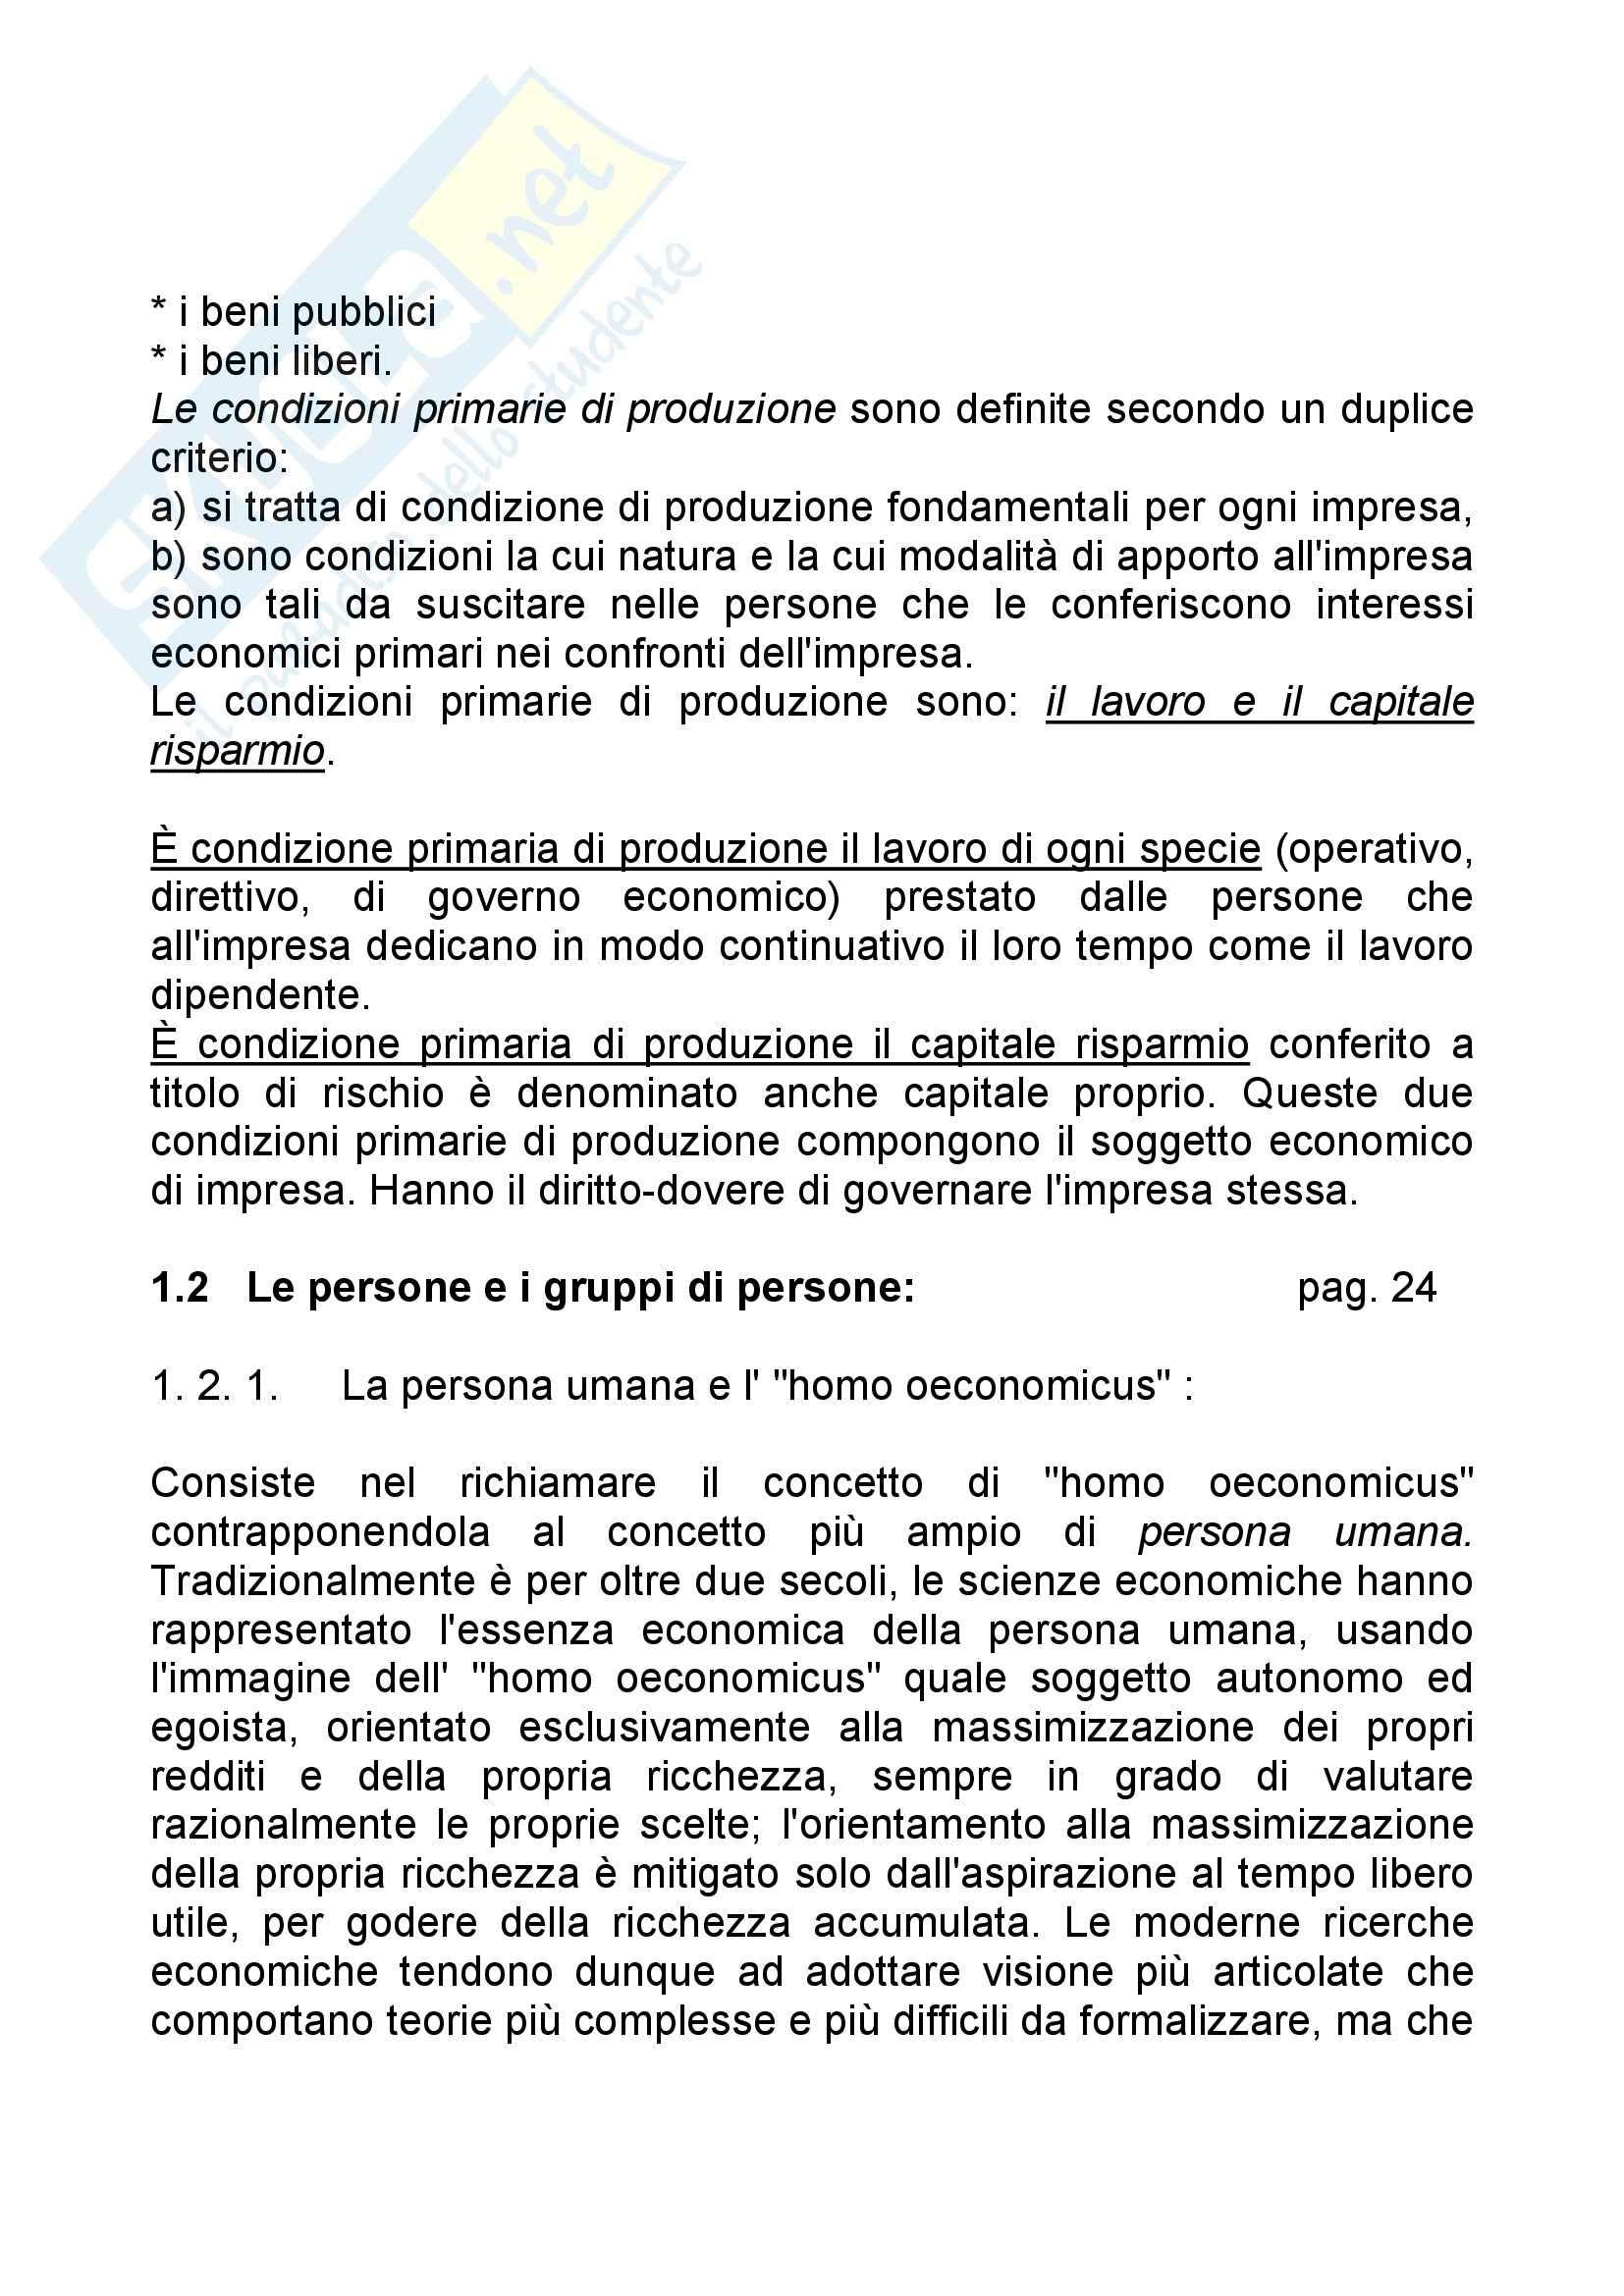 Riassunto esame Economia Aziendale, prof. Bagnoli, libro consigliato Corso di Economia Aziendale, Airoldi Pag. 6